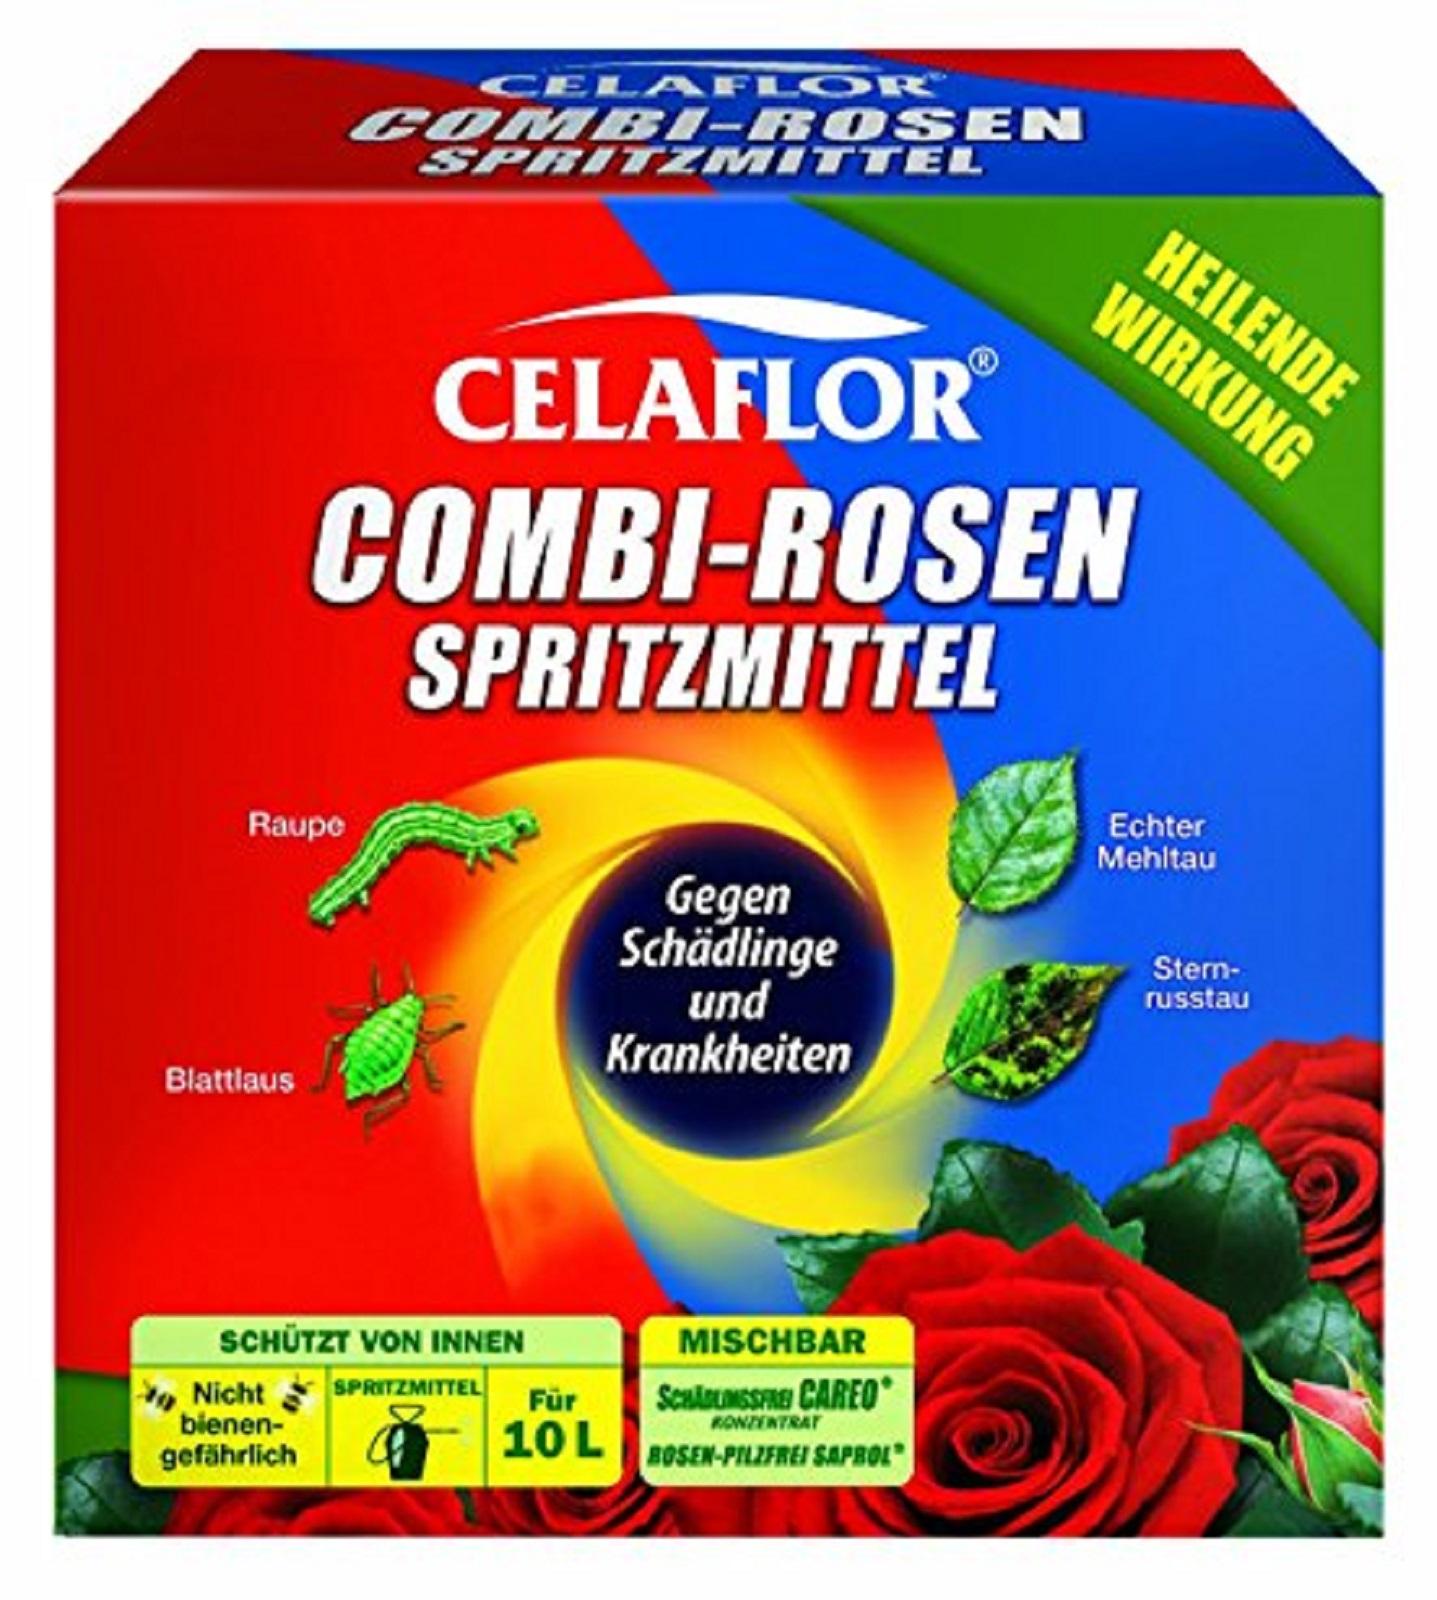 Celaflor Combi Rosen Spritzmittel 200 ml